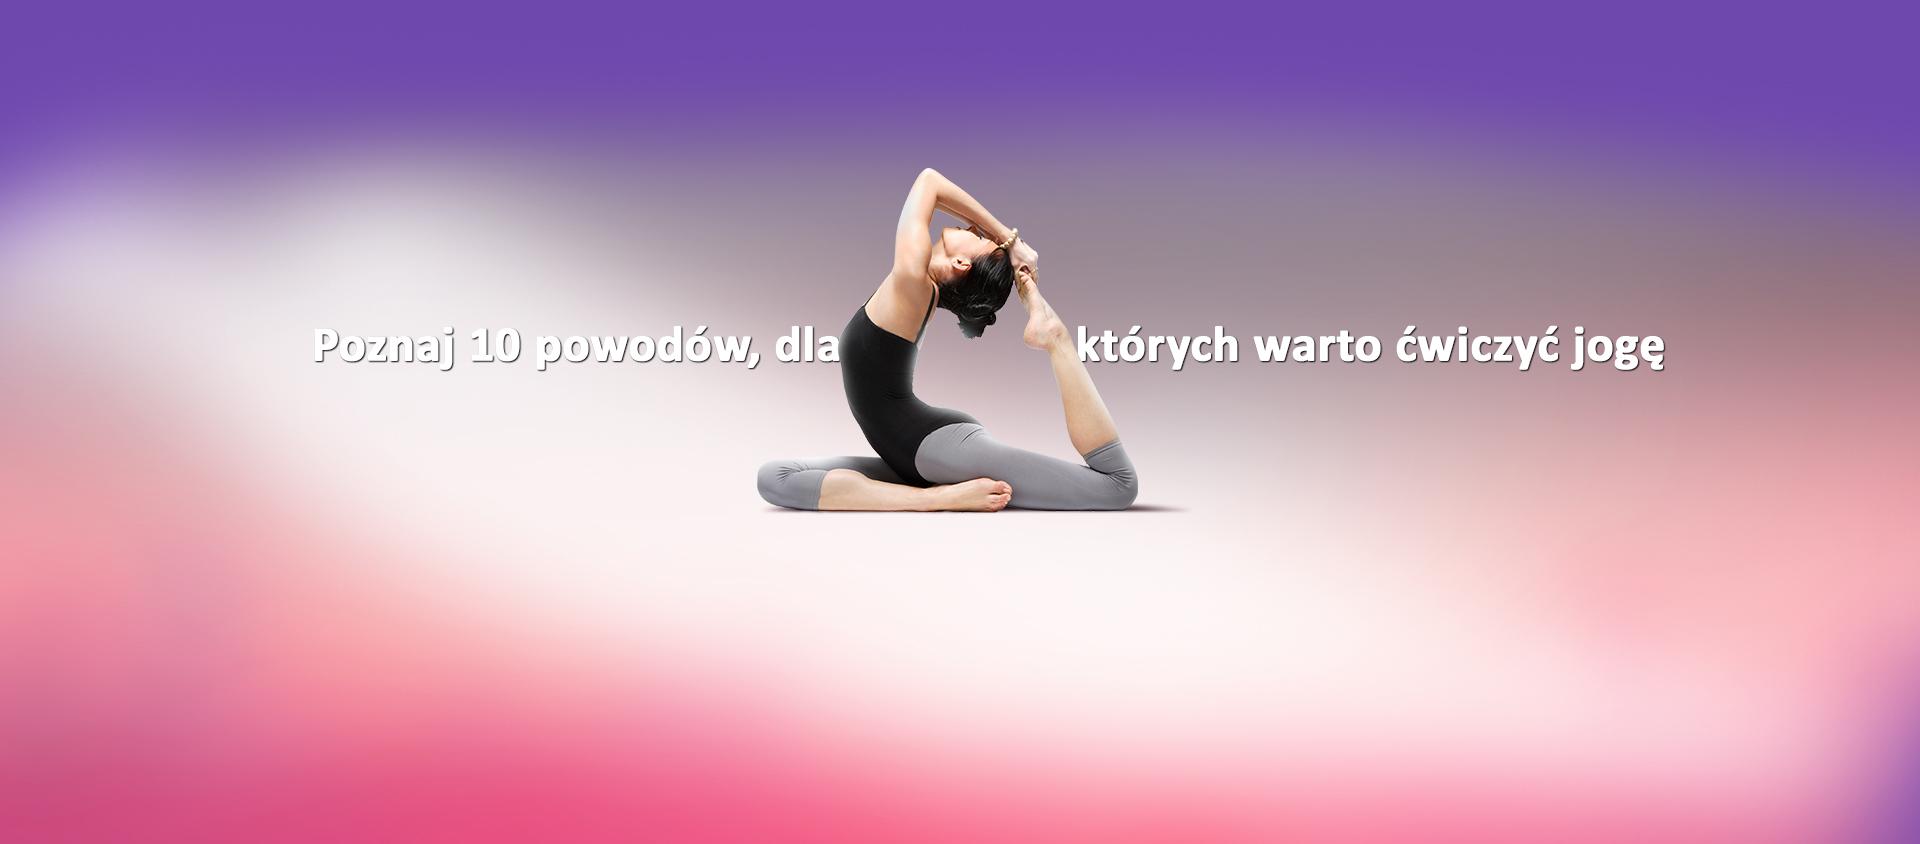 Poznajcie 10 powodów, dlaczego warto ćwiczyć jogę.